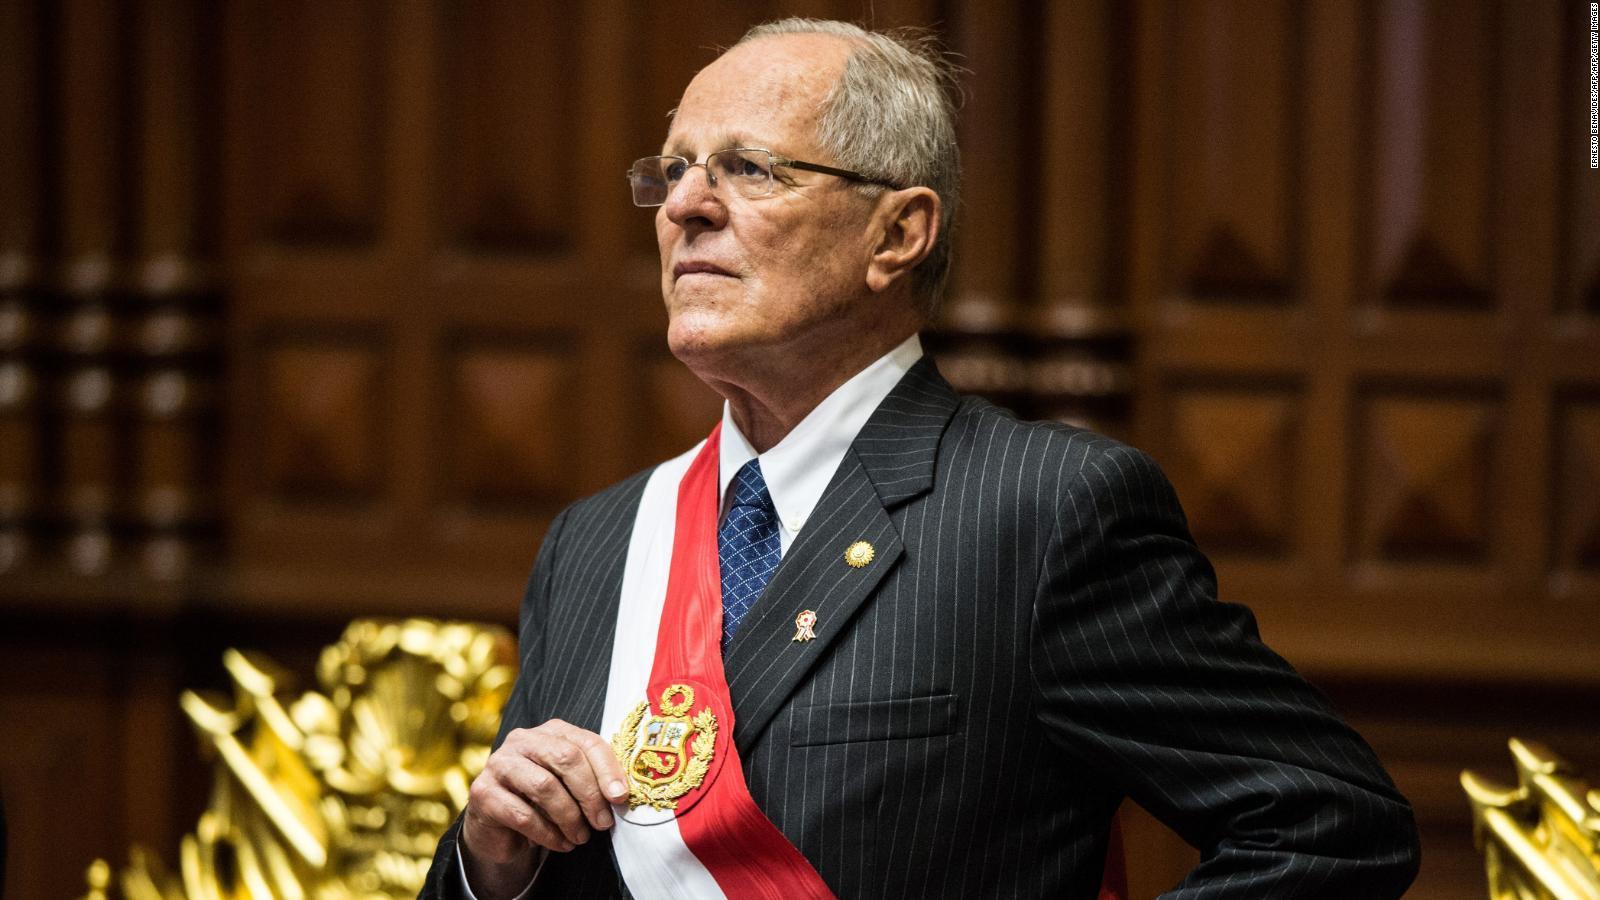 El presidente de Perú renuncia por caso Odebrecht